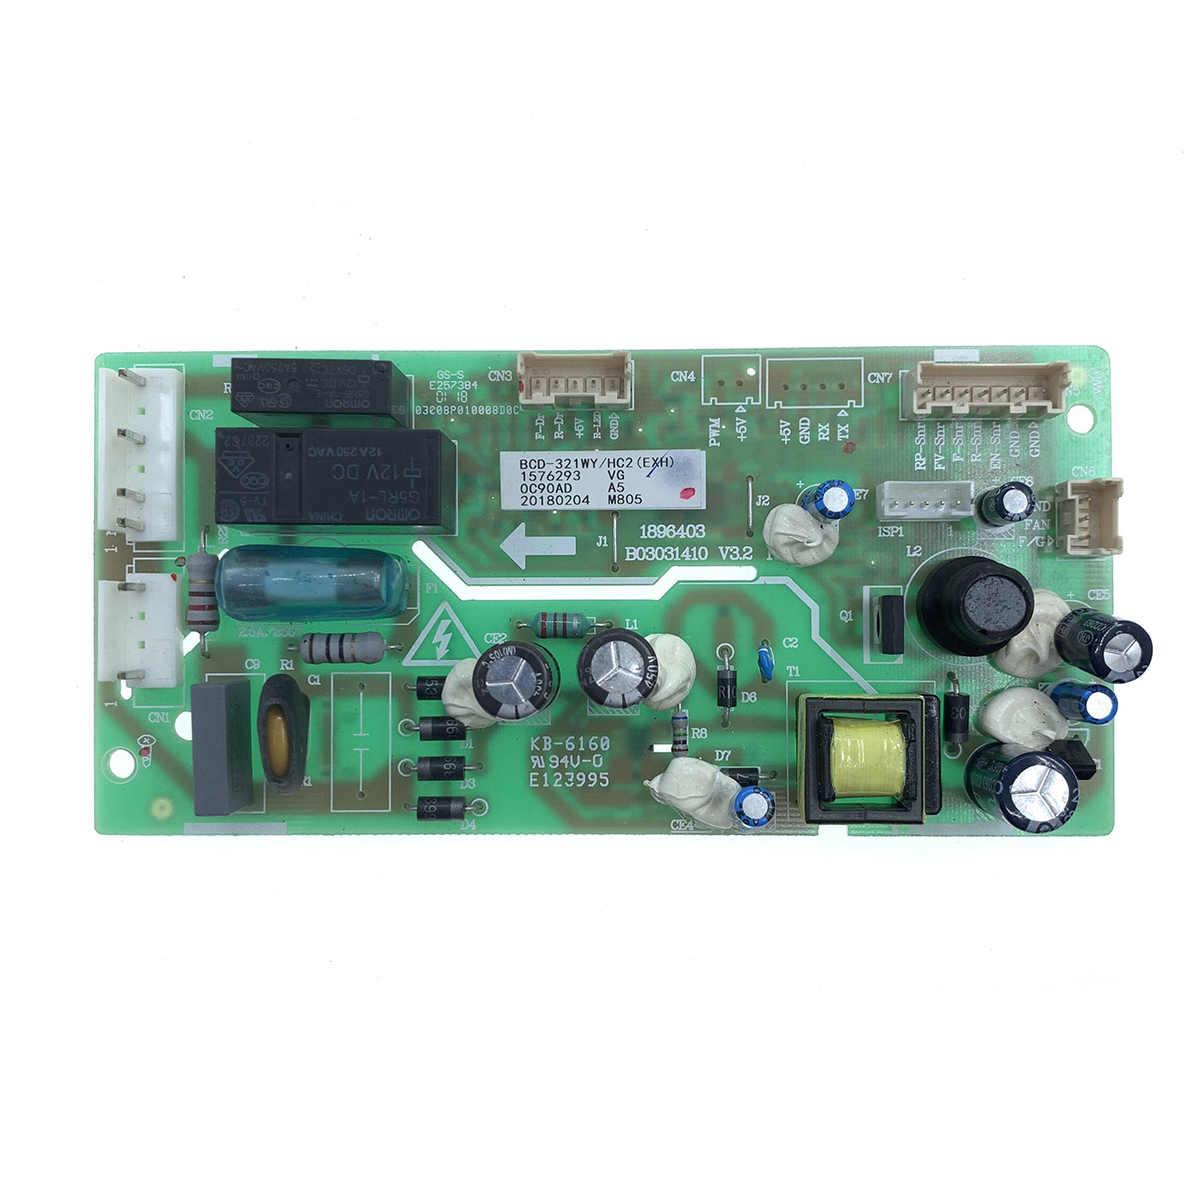 Nombre:  K1576293-BCD-321WY-HC2-EXH-Hisense-tablero-de-Control-de-potencia-PCB-principal-para-refrigerado.jpg Visitas: 470 Tamaño: 102.5 KB